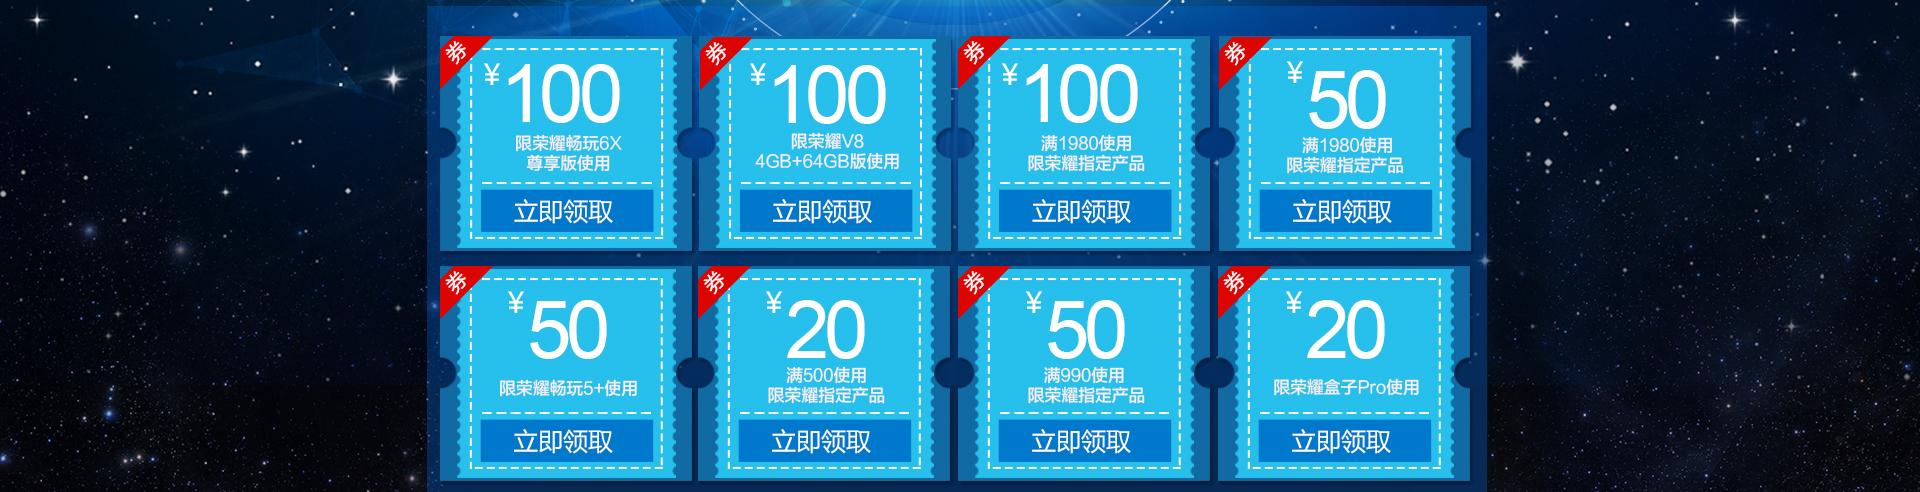 【荣耀手机 探索世界】荣耀8最高优惠300 华为商城